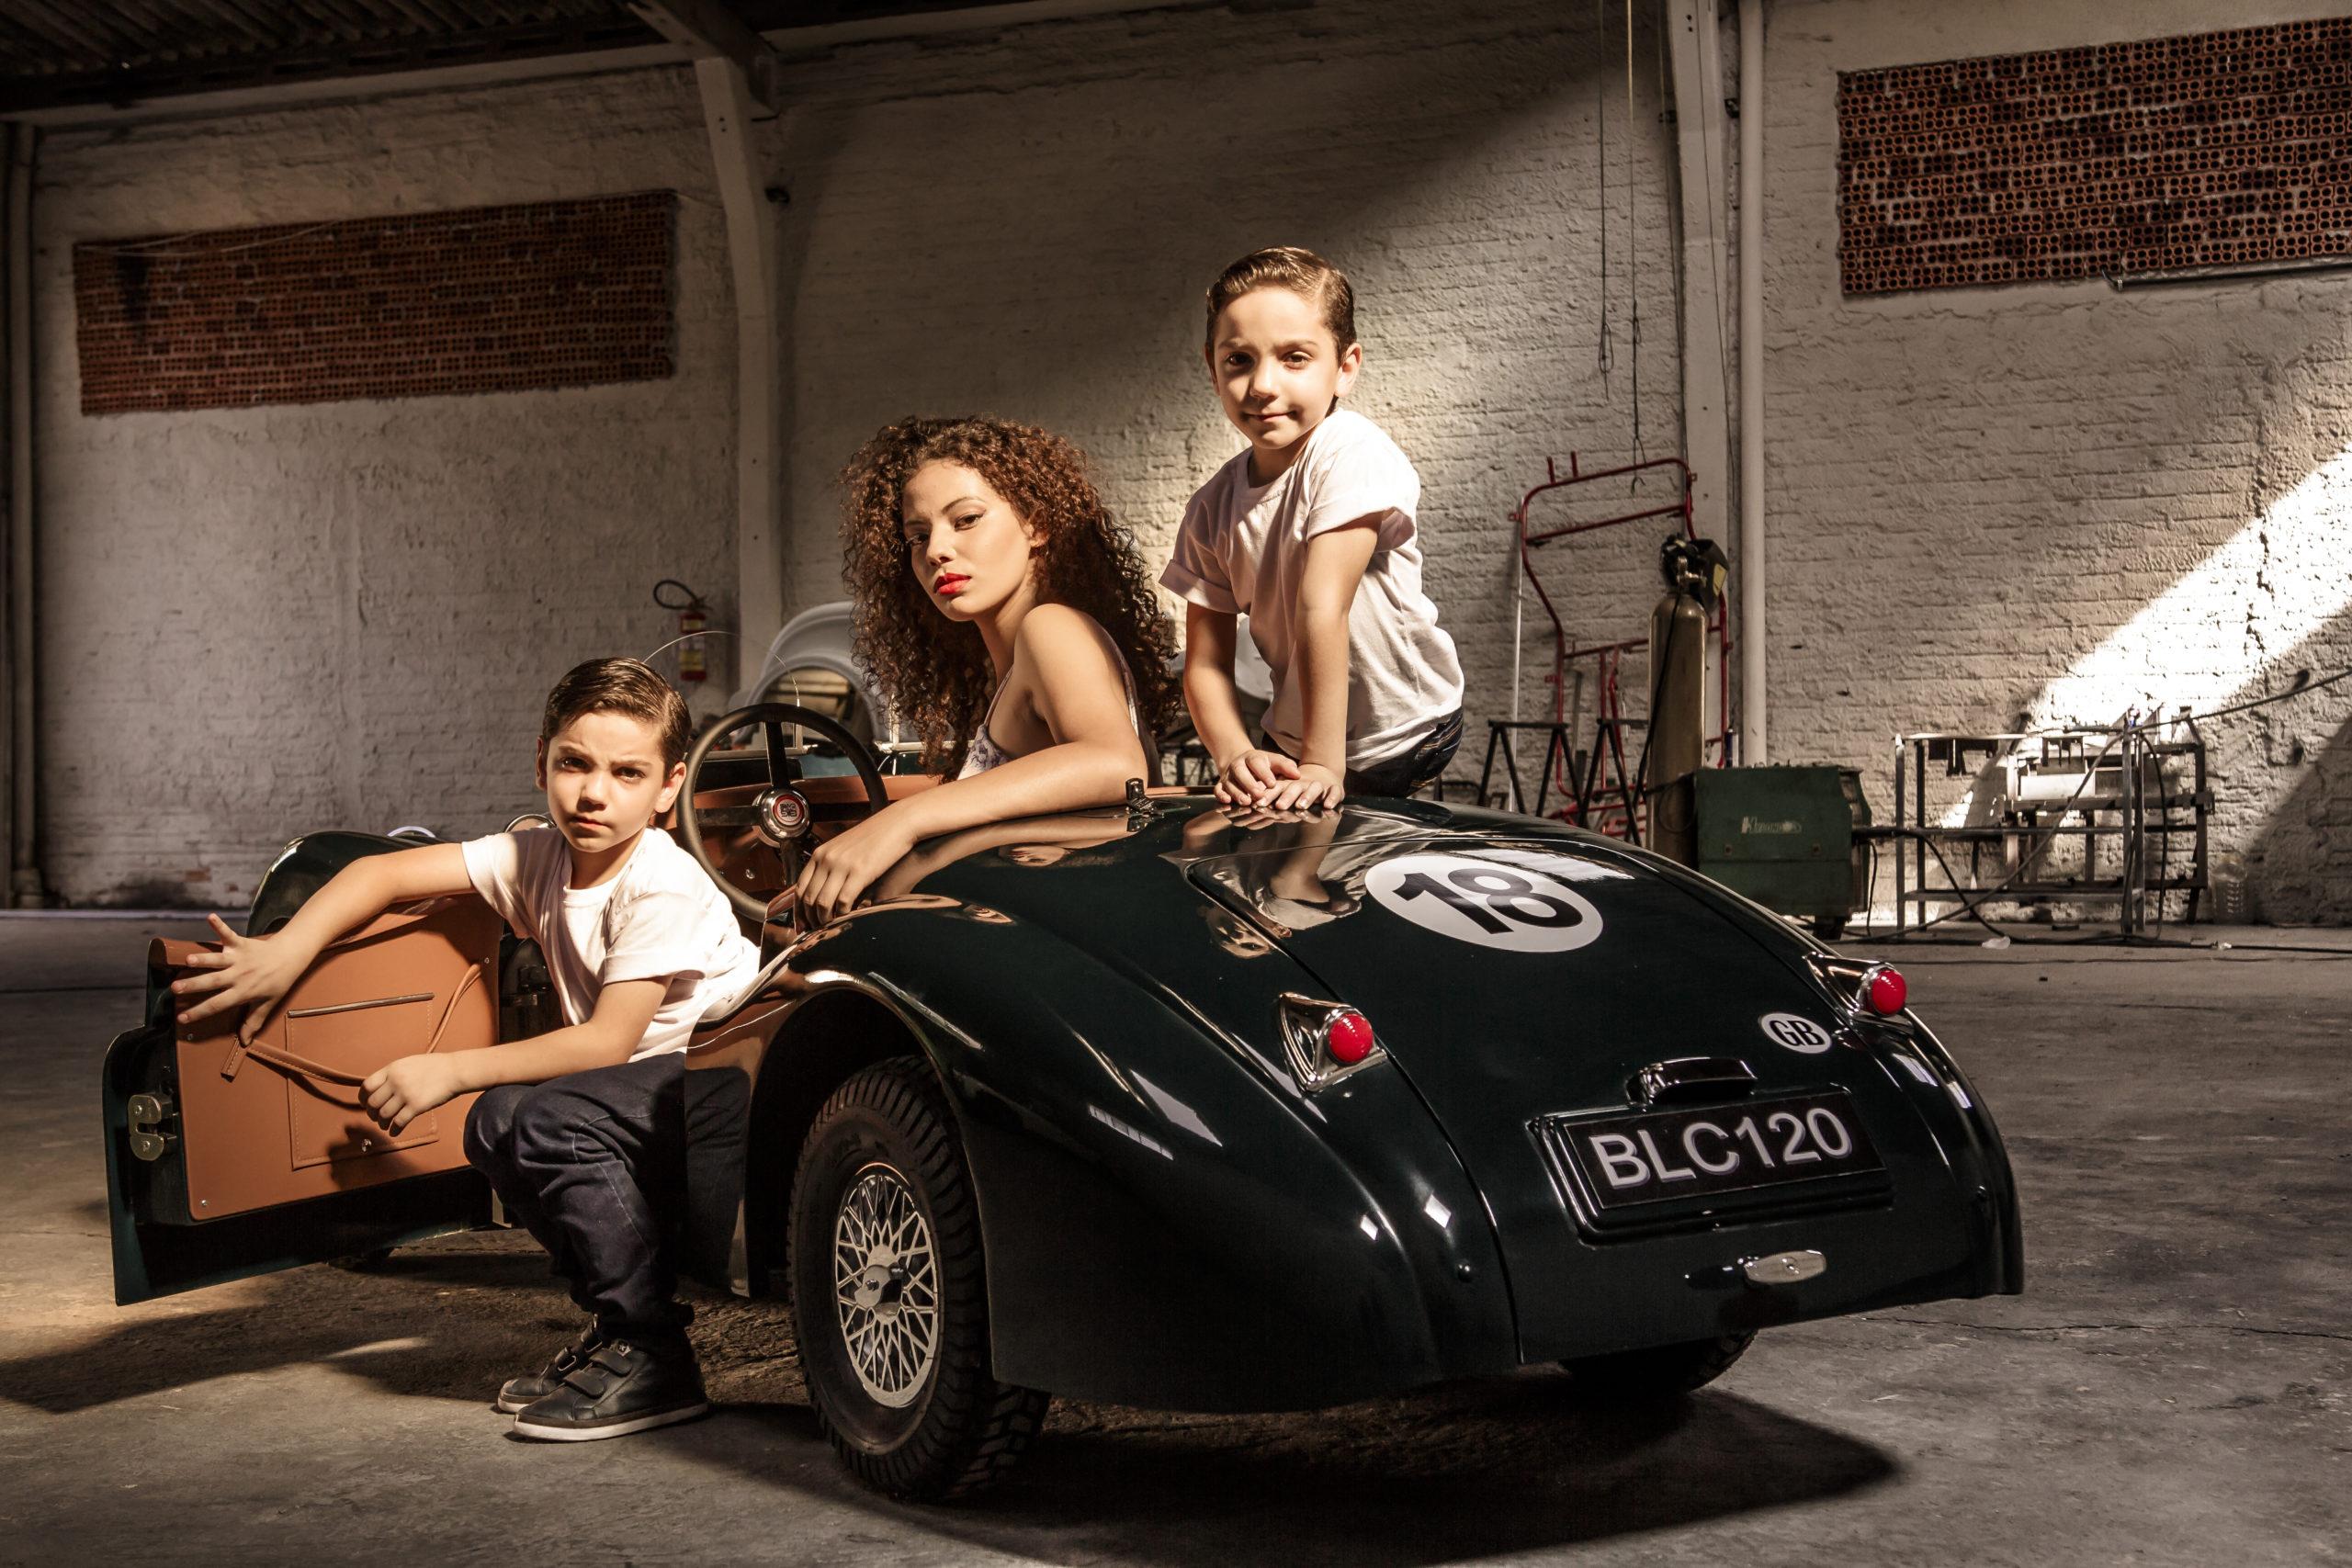 xk racer trio a